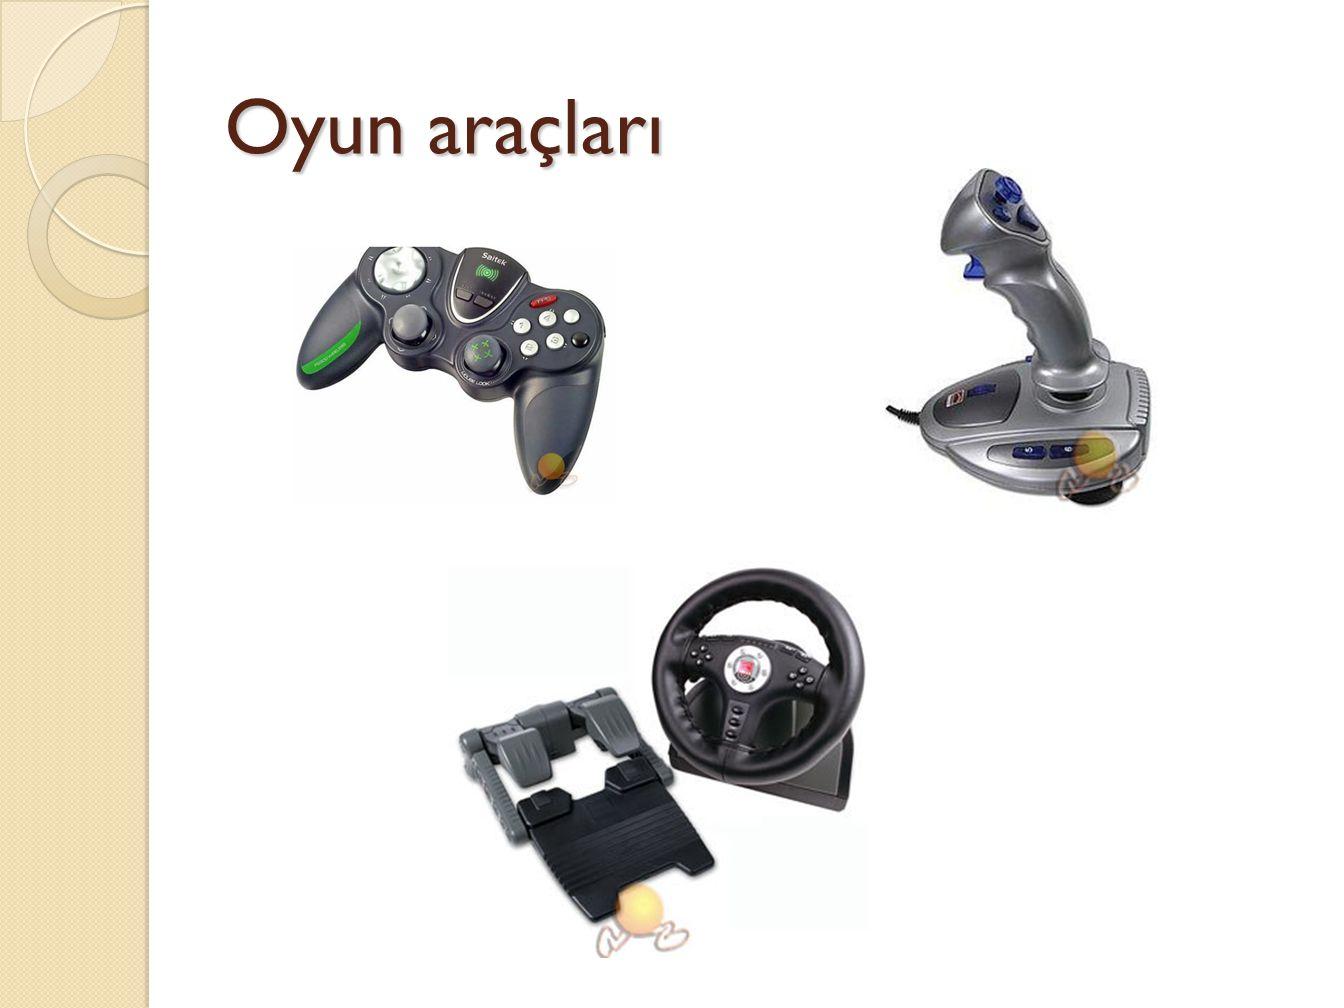 Oyun araçları